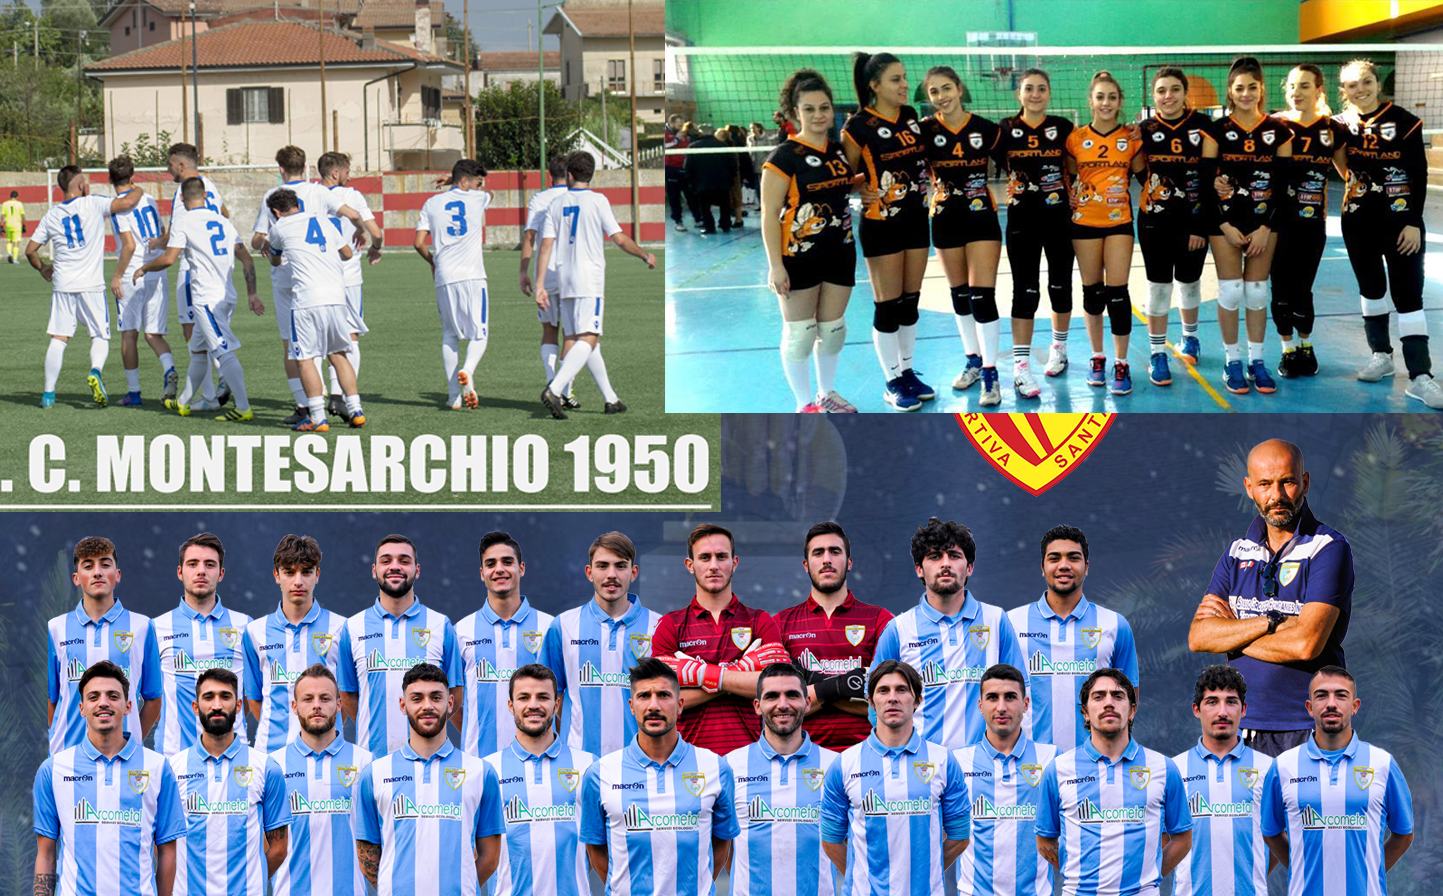 Cervinara e Montesarchio. Domenica playoff di calcio e volley